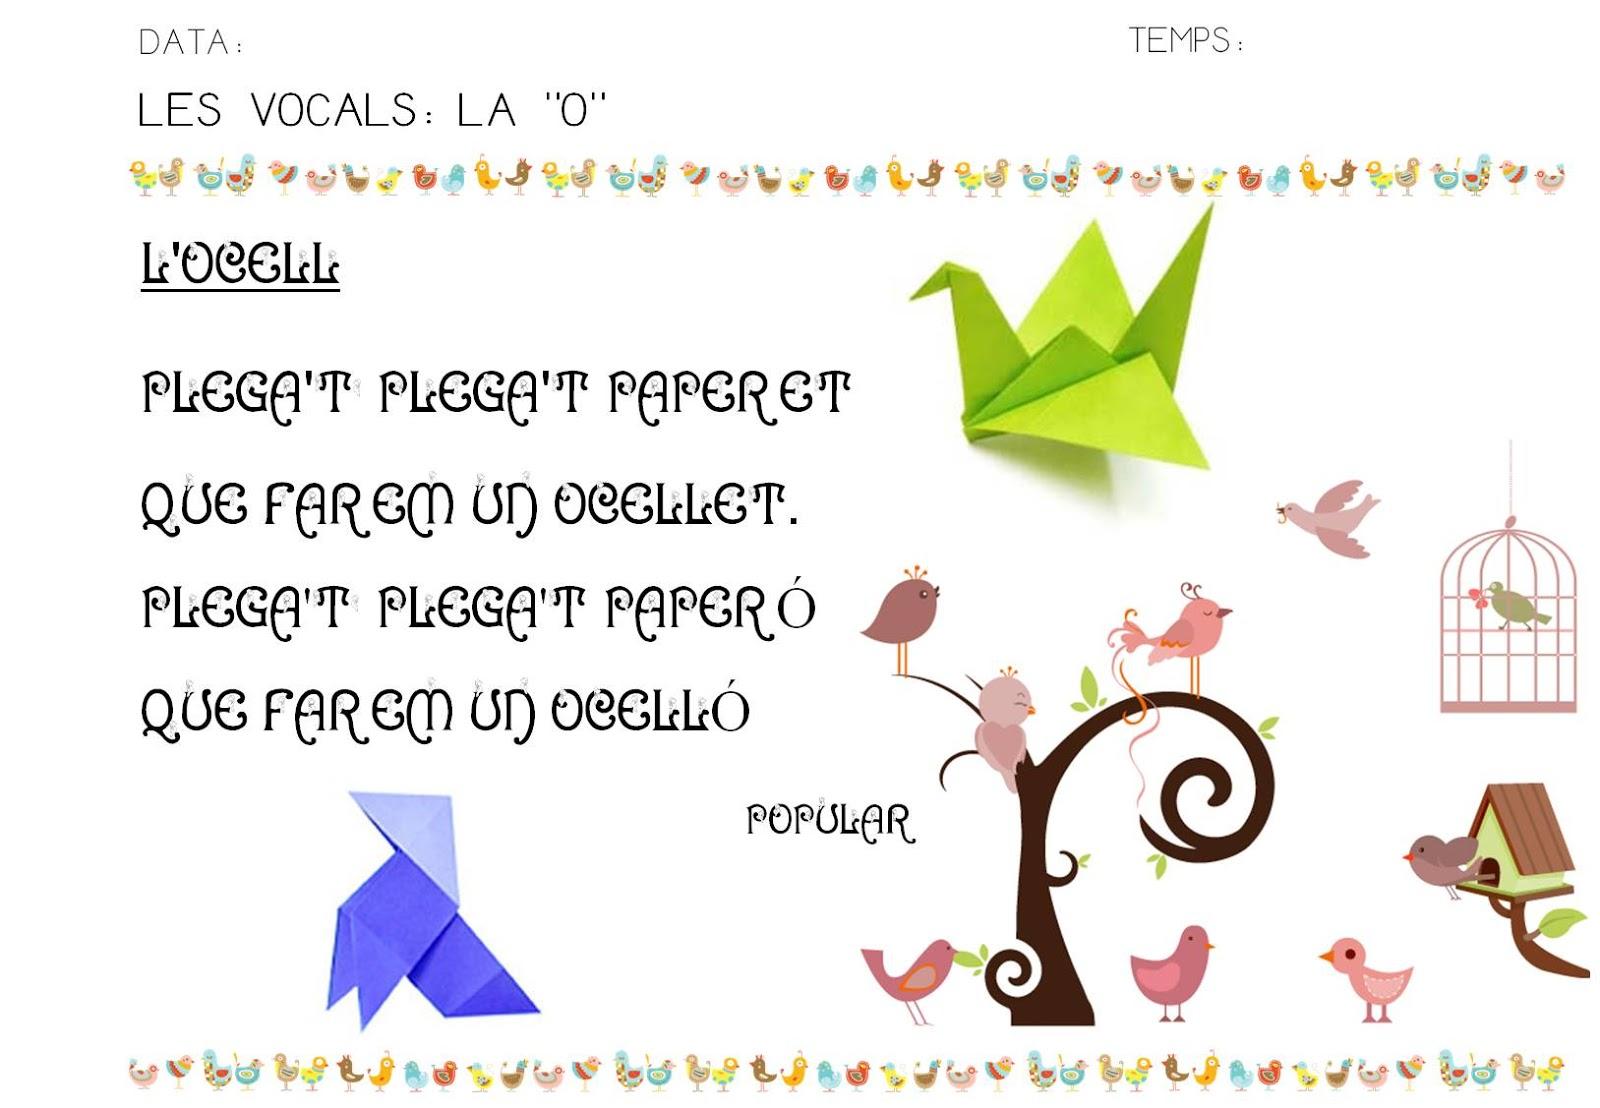 Poesia De Las Vocales: QUÉ HACEMOS HOY EN EL COLE?: LAS VOCALES